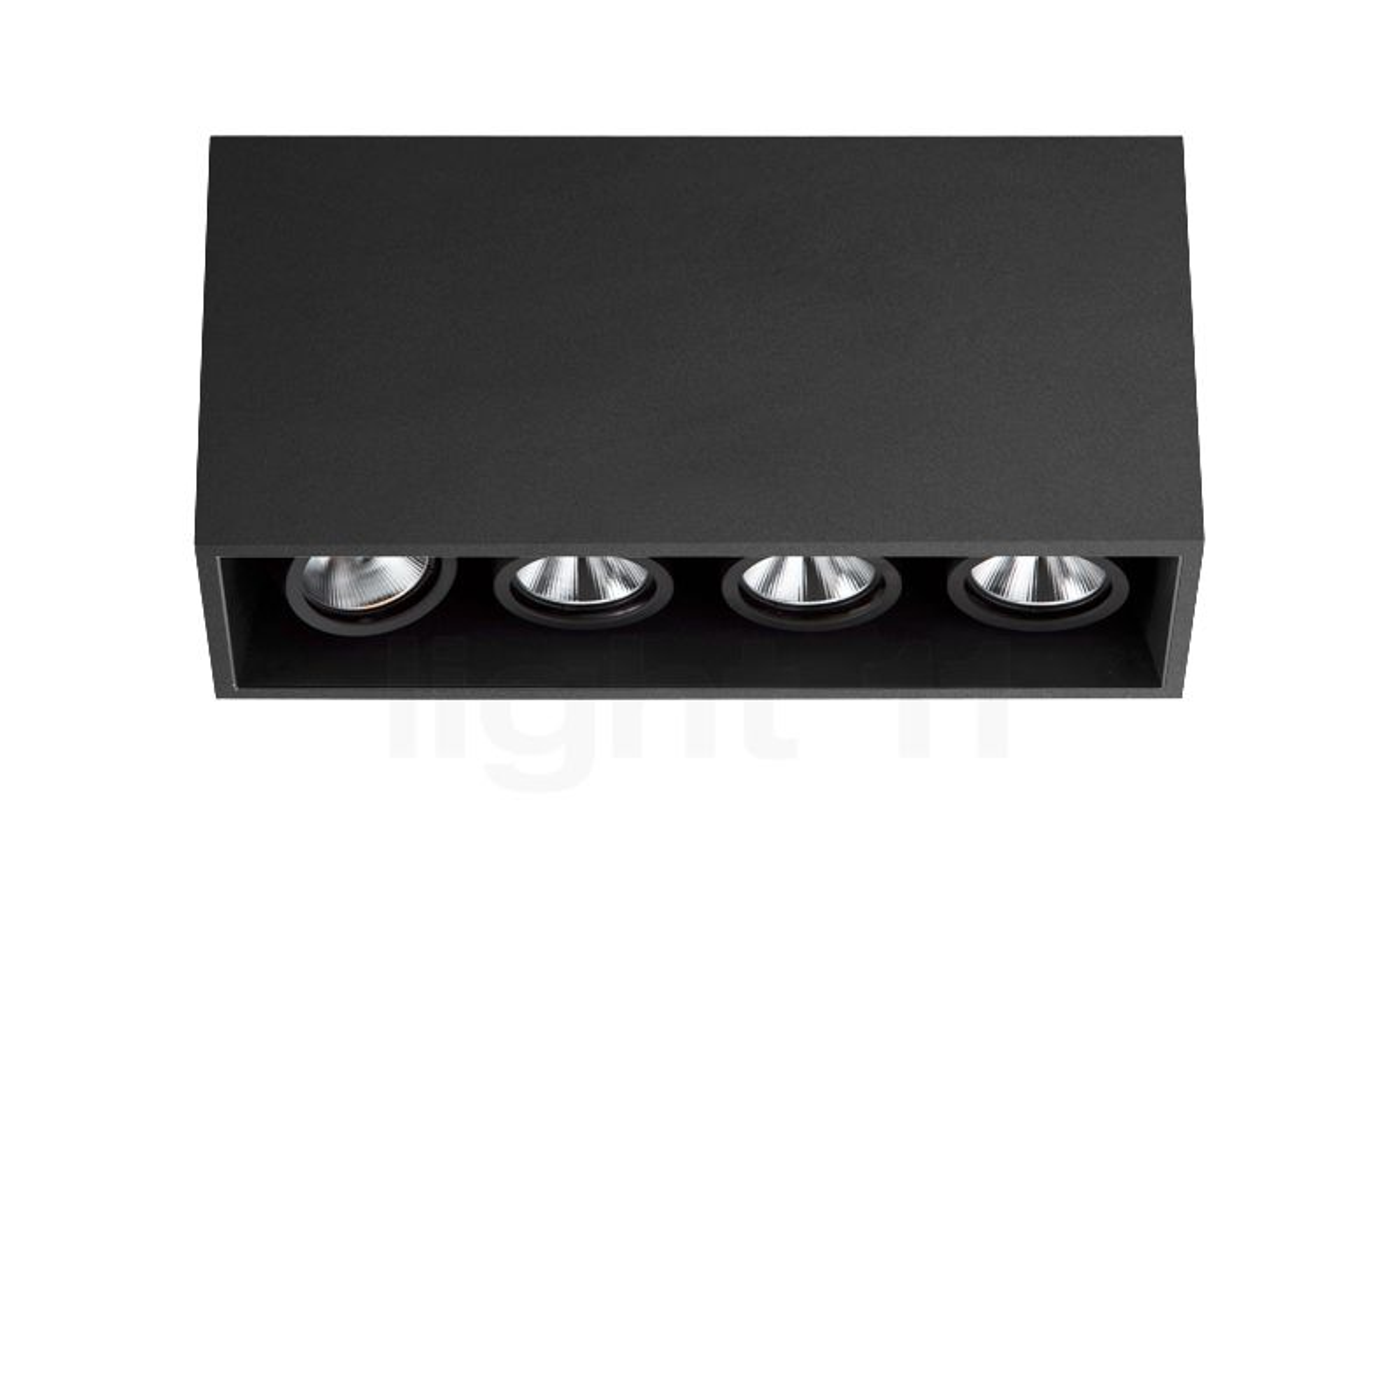 flos compass box small 4 h160 qr cbc spotlights. Black Bedroom Furniture Sets. Home Design Ideas